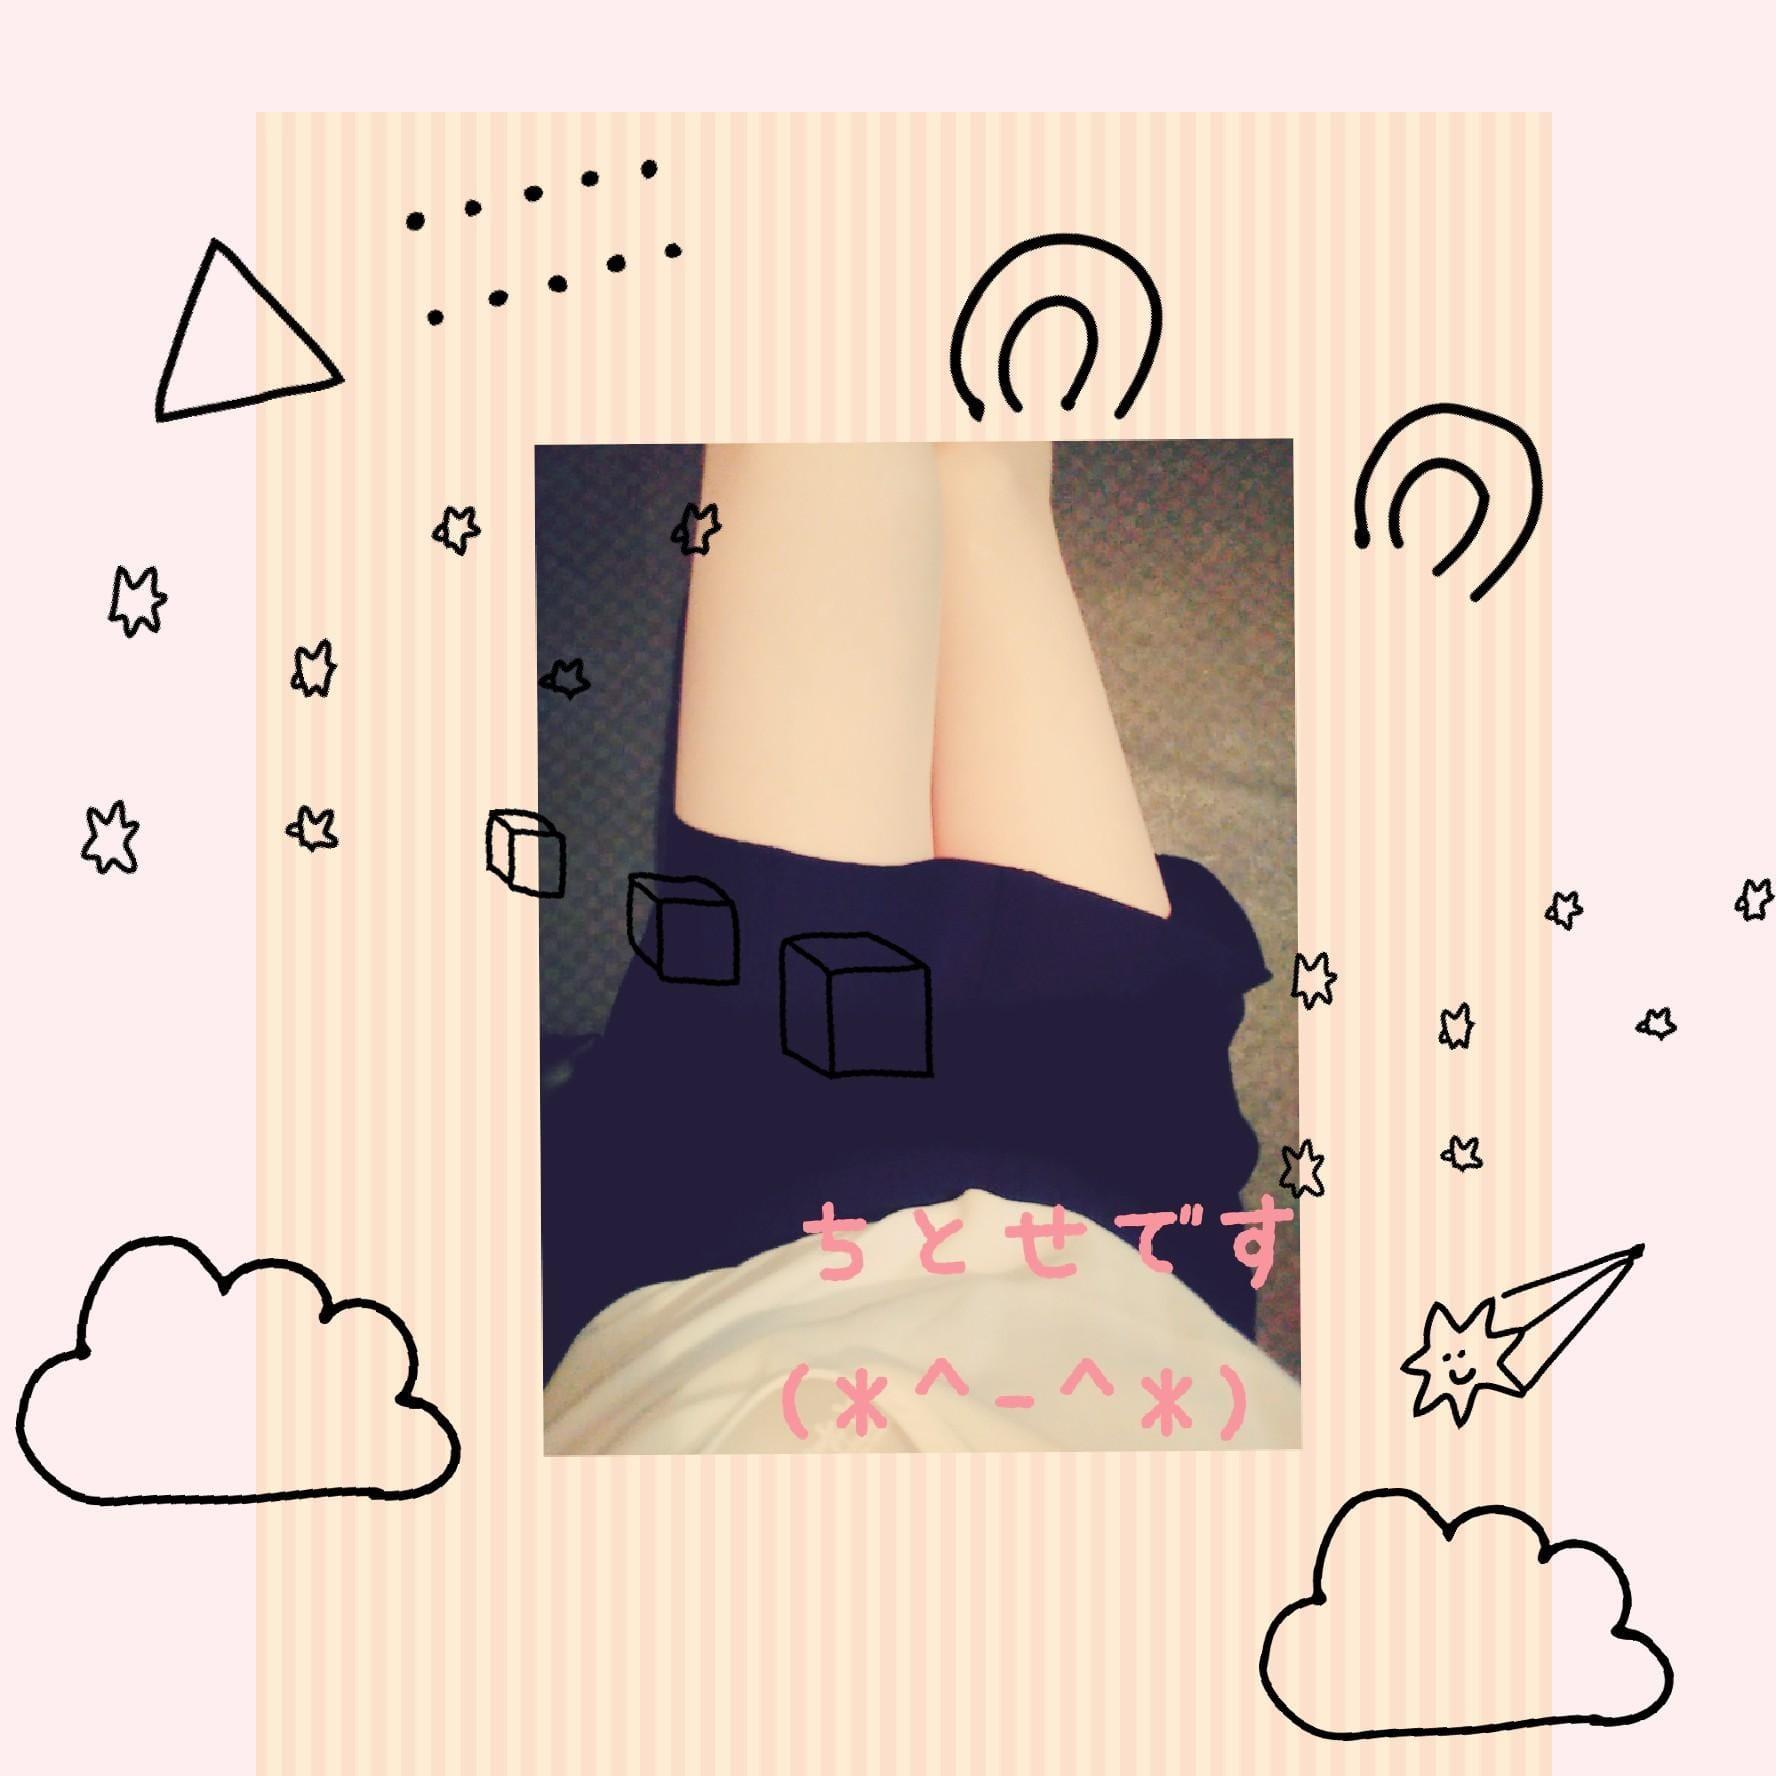 「ありがとうございました(*´?`*)?」09/21(金) 16:29 | 千歳の写メ・風俗動画